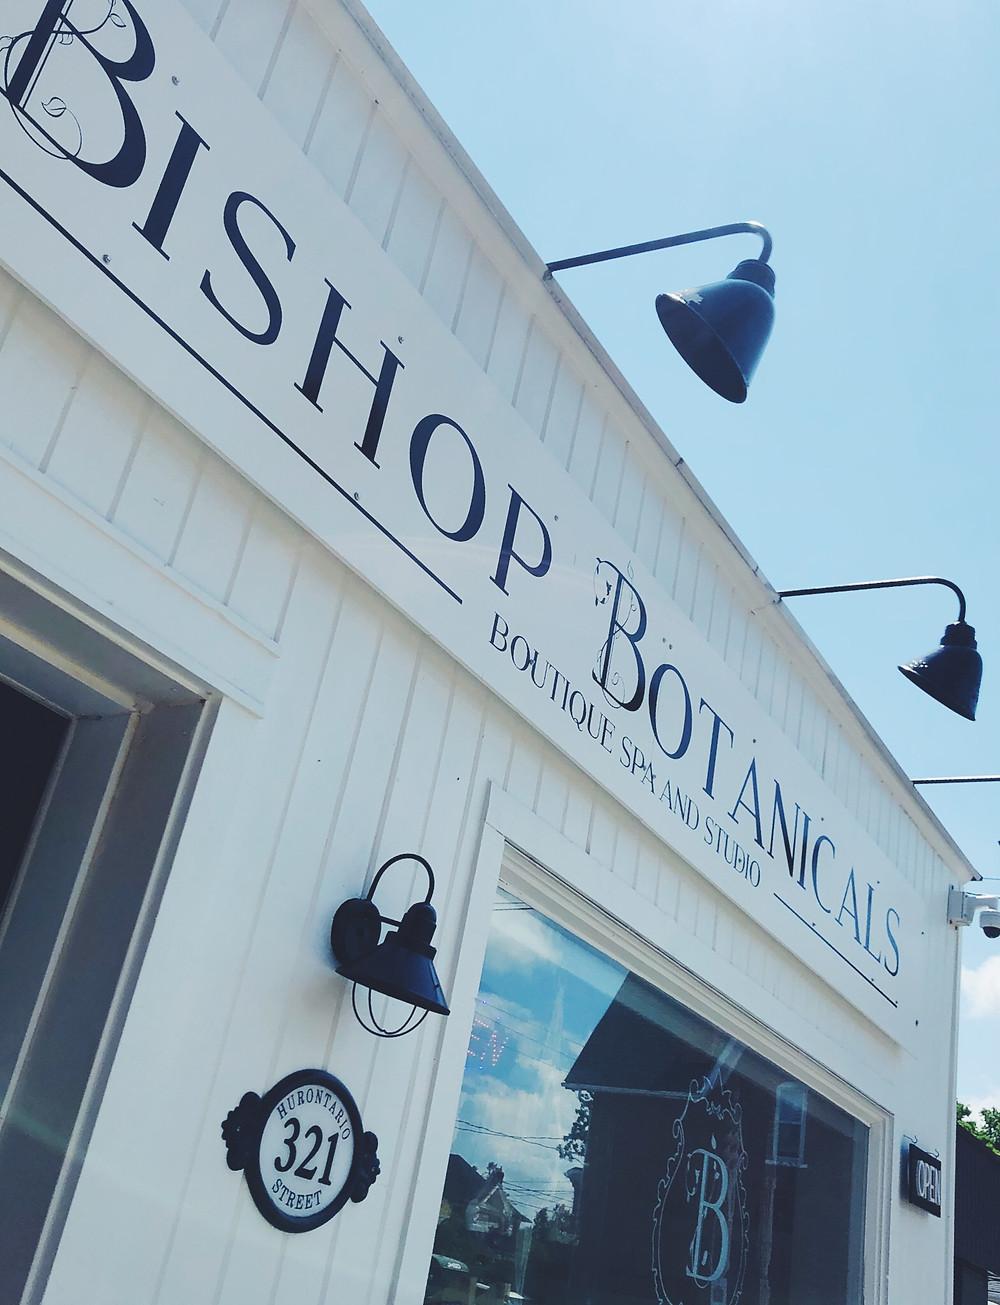 Storefront at Bishop Botanicals in Collingwood